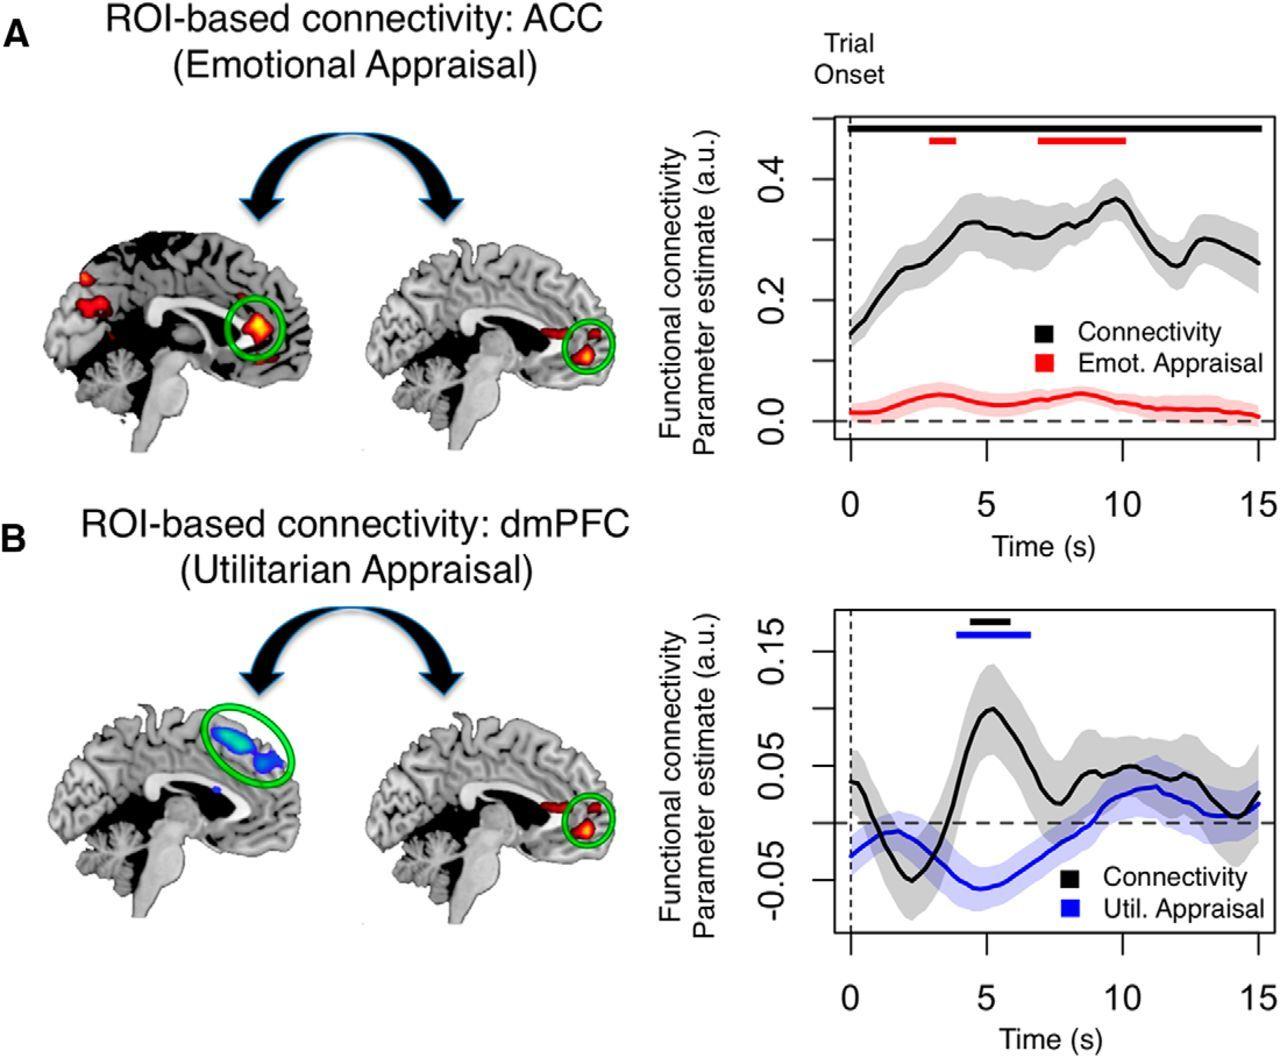 Görsel 3: Genel bir ahlaki karara varılırken ayrı bölgelerden gelen bilgi, beynin ventromedial prefrontal korteks bölgesinde (vmPFC) birleştirilir.